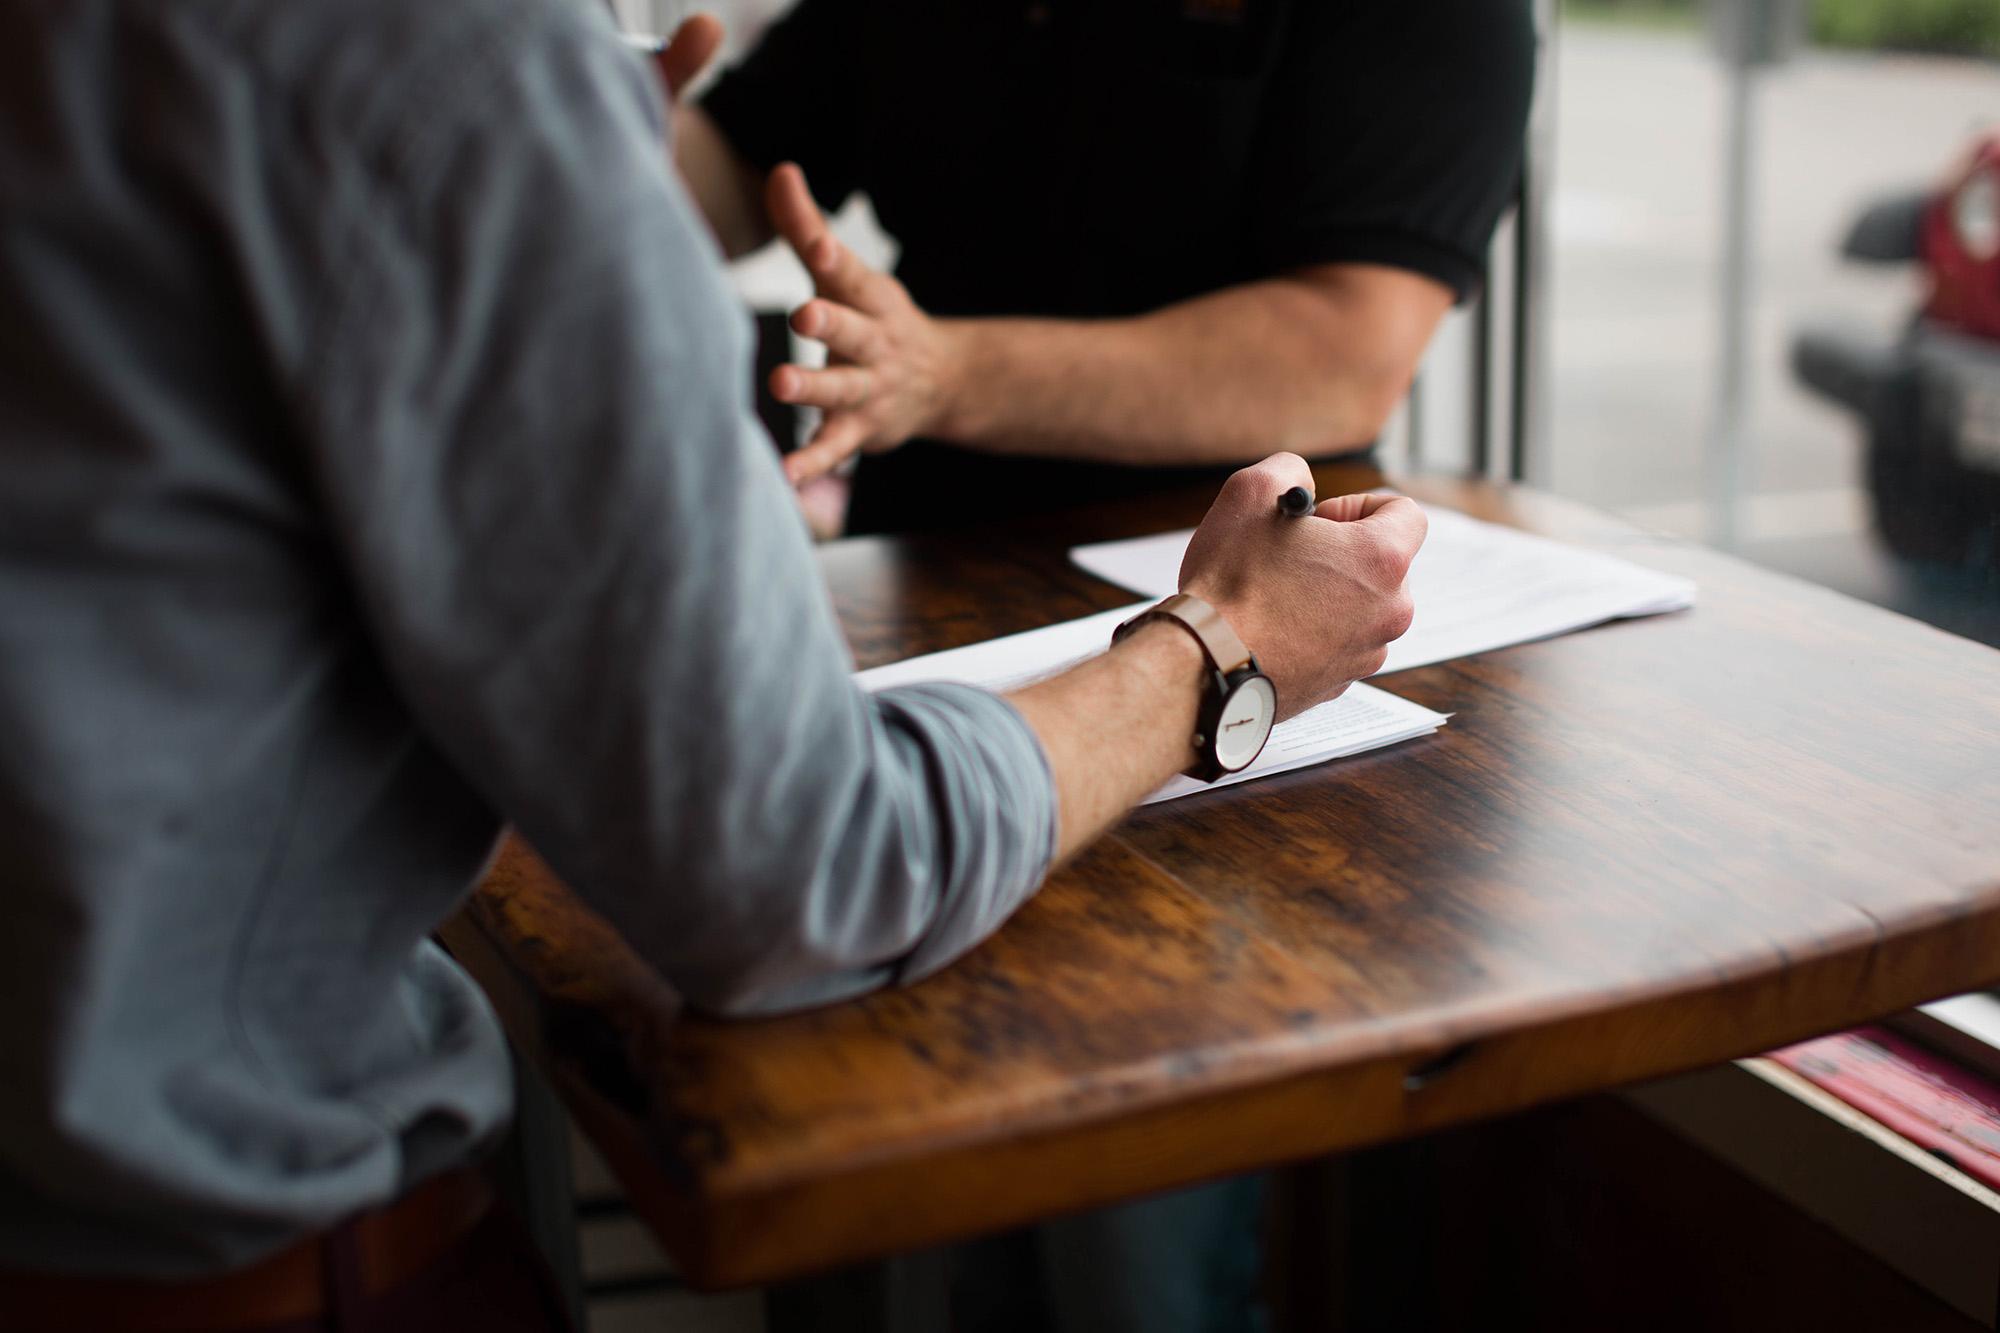 Las competencias clave que los empleadores buscan en los candidatos